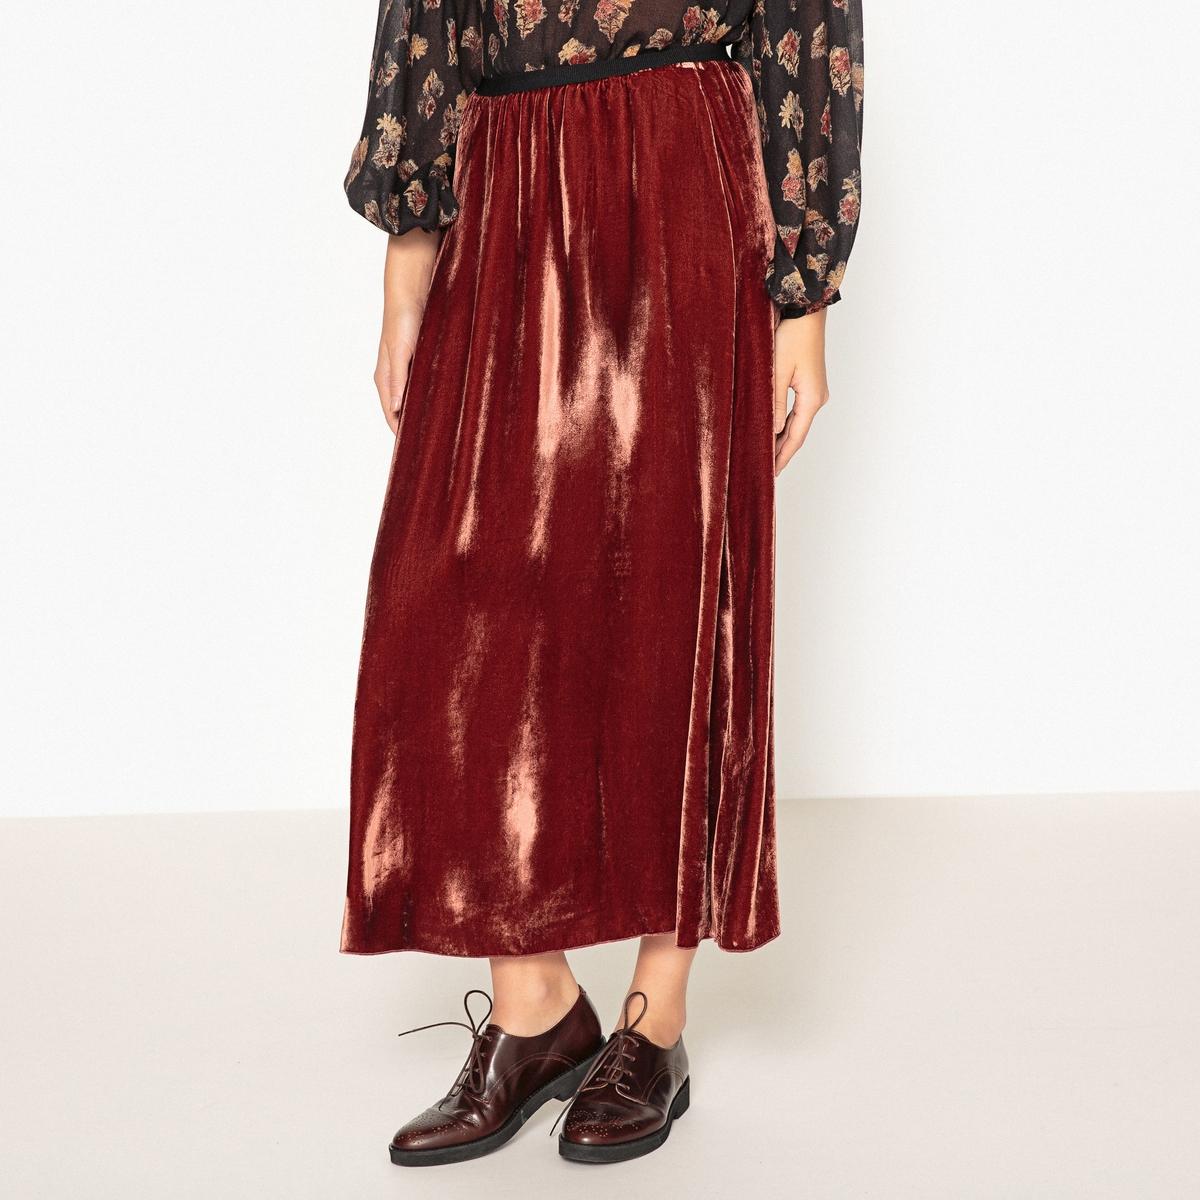 Юбка длинная JABOДлинная юбка DIEGA - модель JABO с эластичным поясом из однотонного велюра.Детали •  Форма : МАКСИ •  Длина ниже колен  •  Эластичный поясСостав и уход •  18% шелка, 82% вискозы •  Следуйте советам по уходу, указанным на этикетке<br><br>Цвет: красный